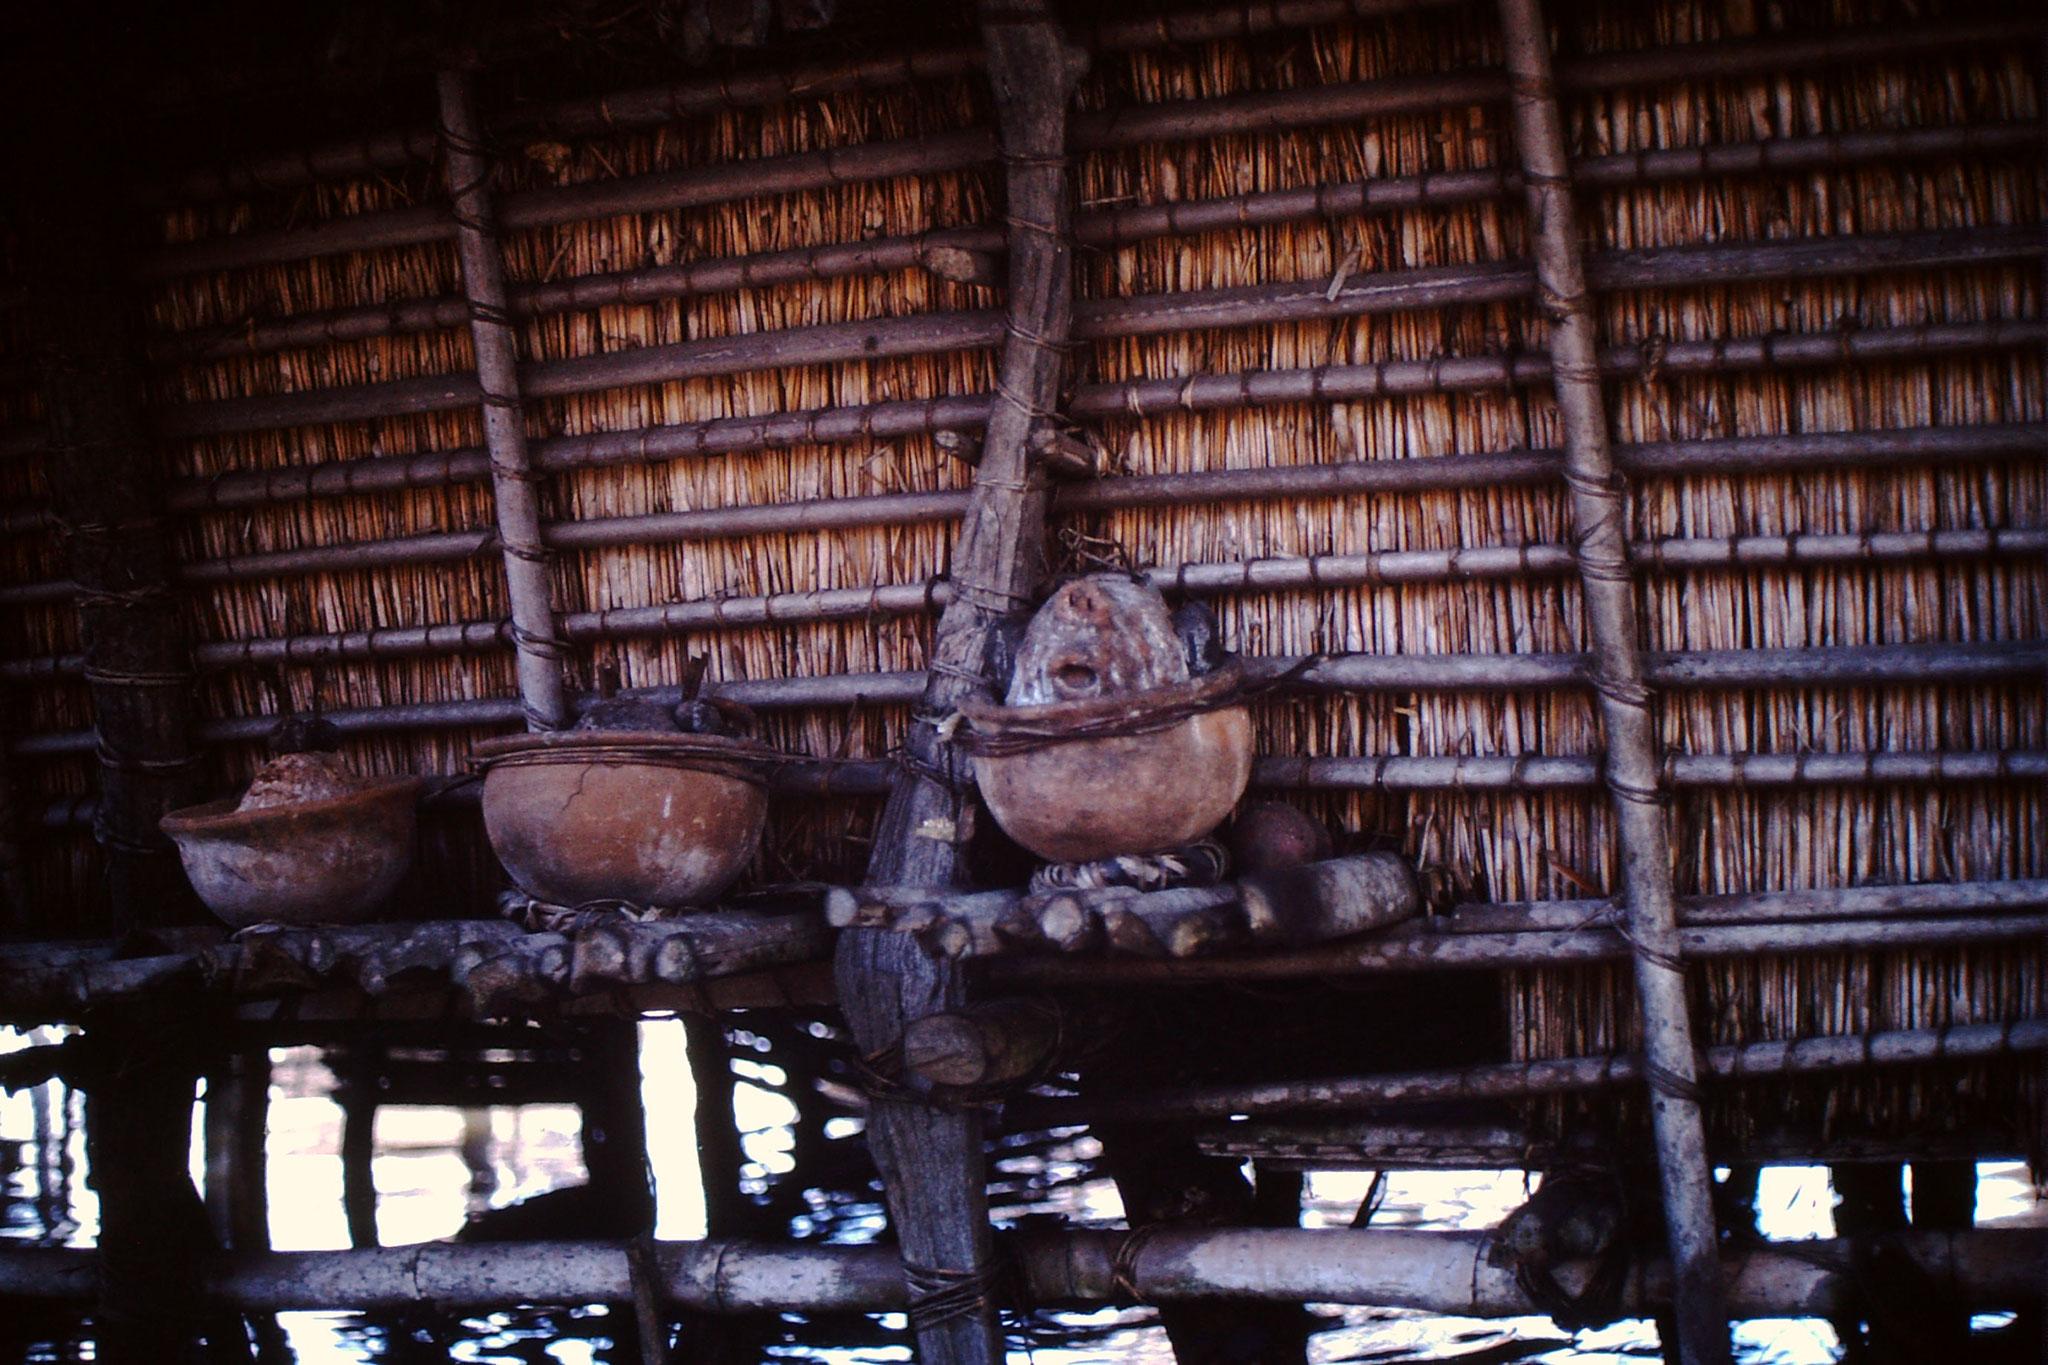 Das Haus wird mit dem Fetisch geschützt. In den Schalen werden Opfer dargeboten. Die Lebensmittel wie auch der Palmschnaps soll die Ahnen besänftigen. Ob ich daran Glaube oder nicht, ist hier nicht die Frage, es ist einzig eine Sache des Respekts!